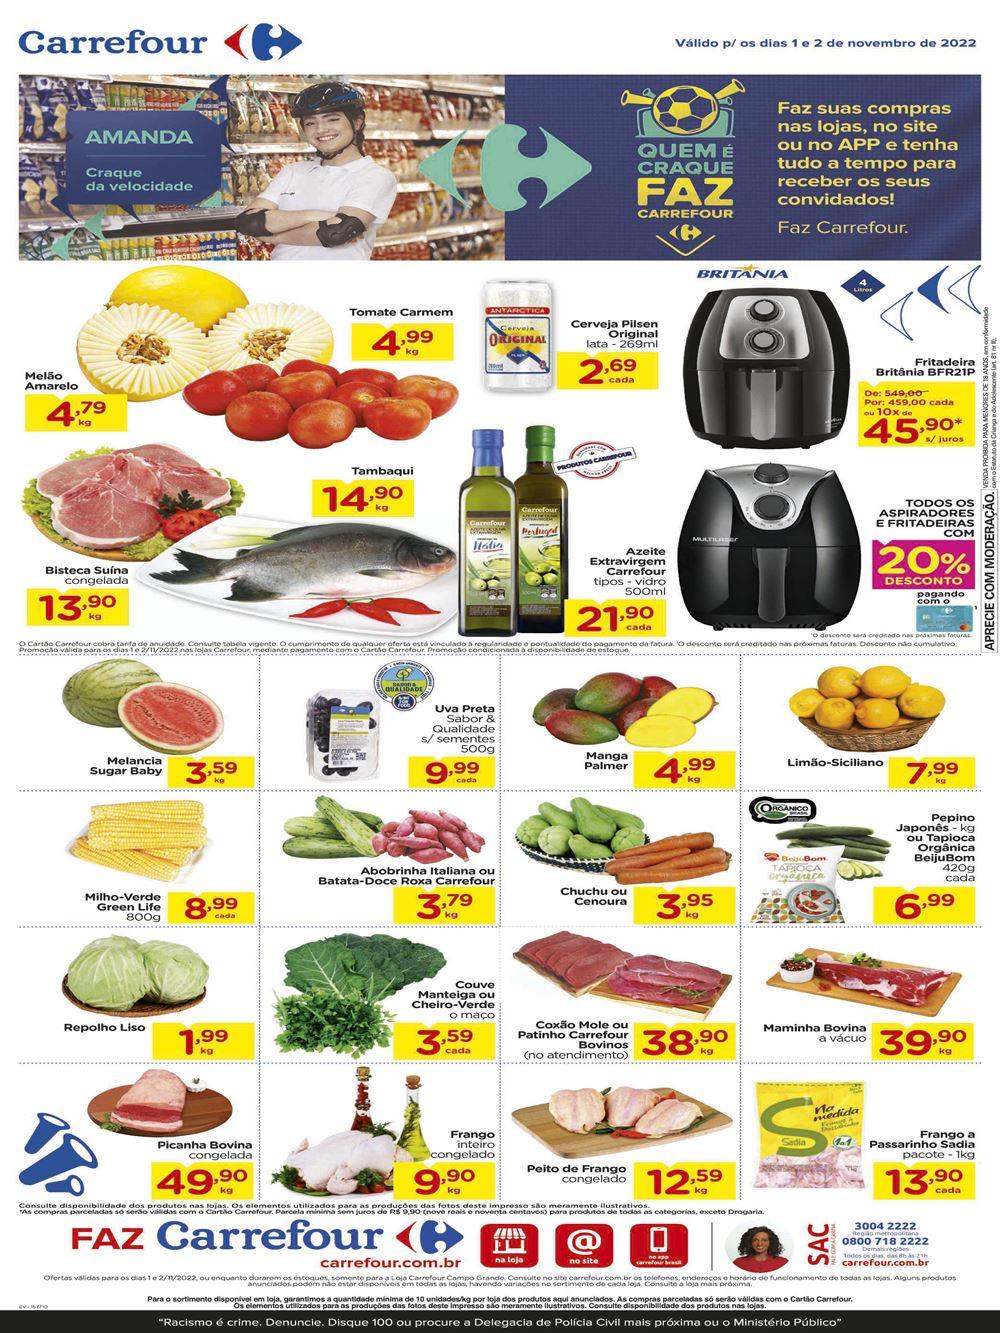 carrefour-ofertas-descontos-hoje1-19 Minas Gerais